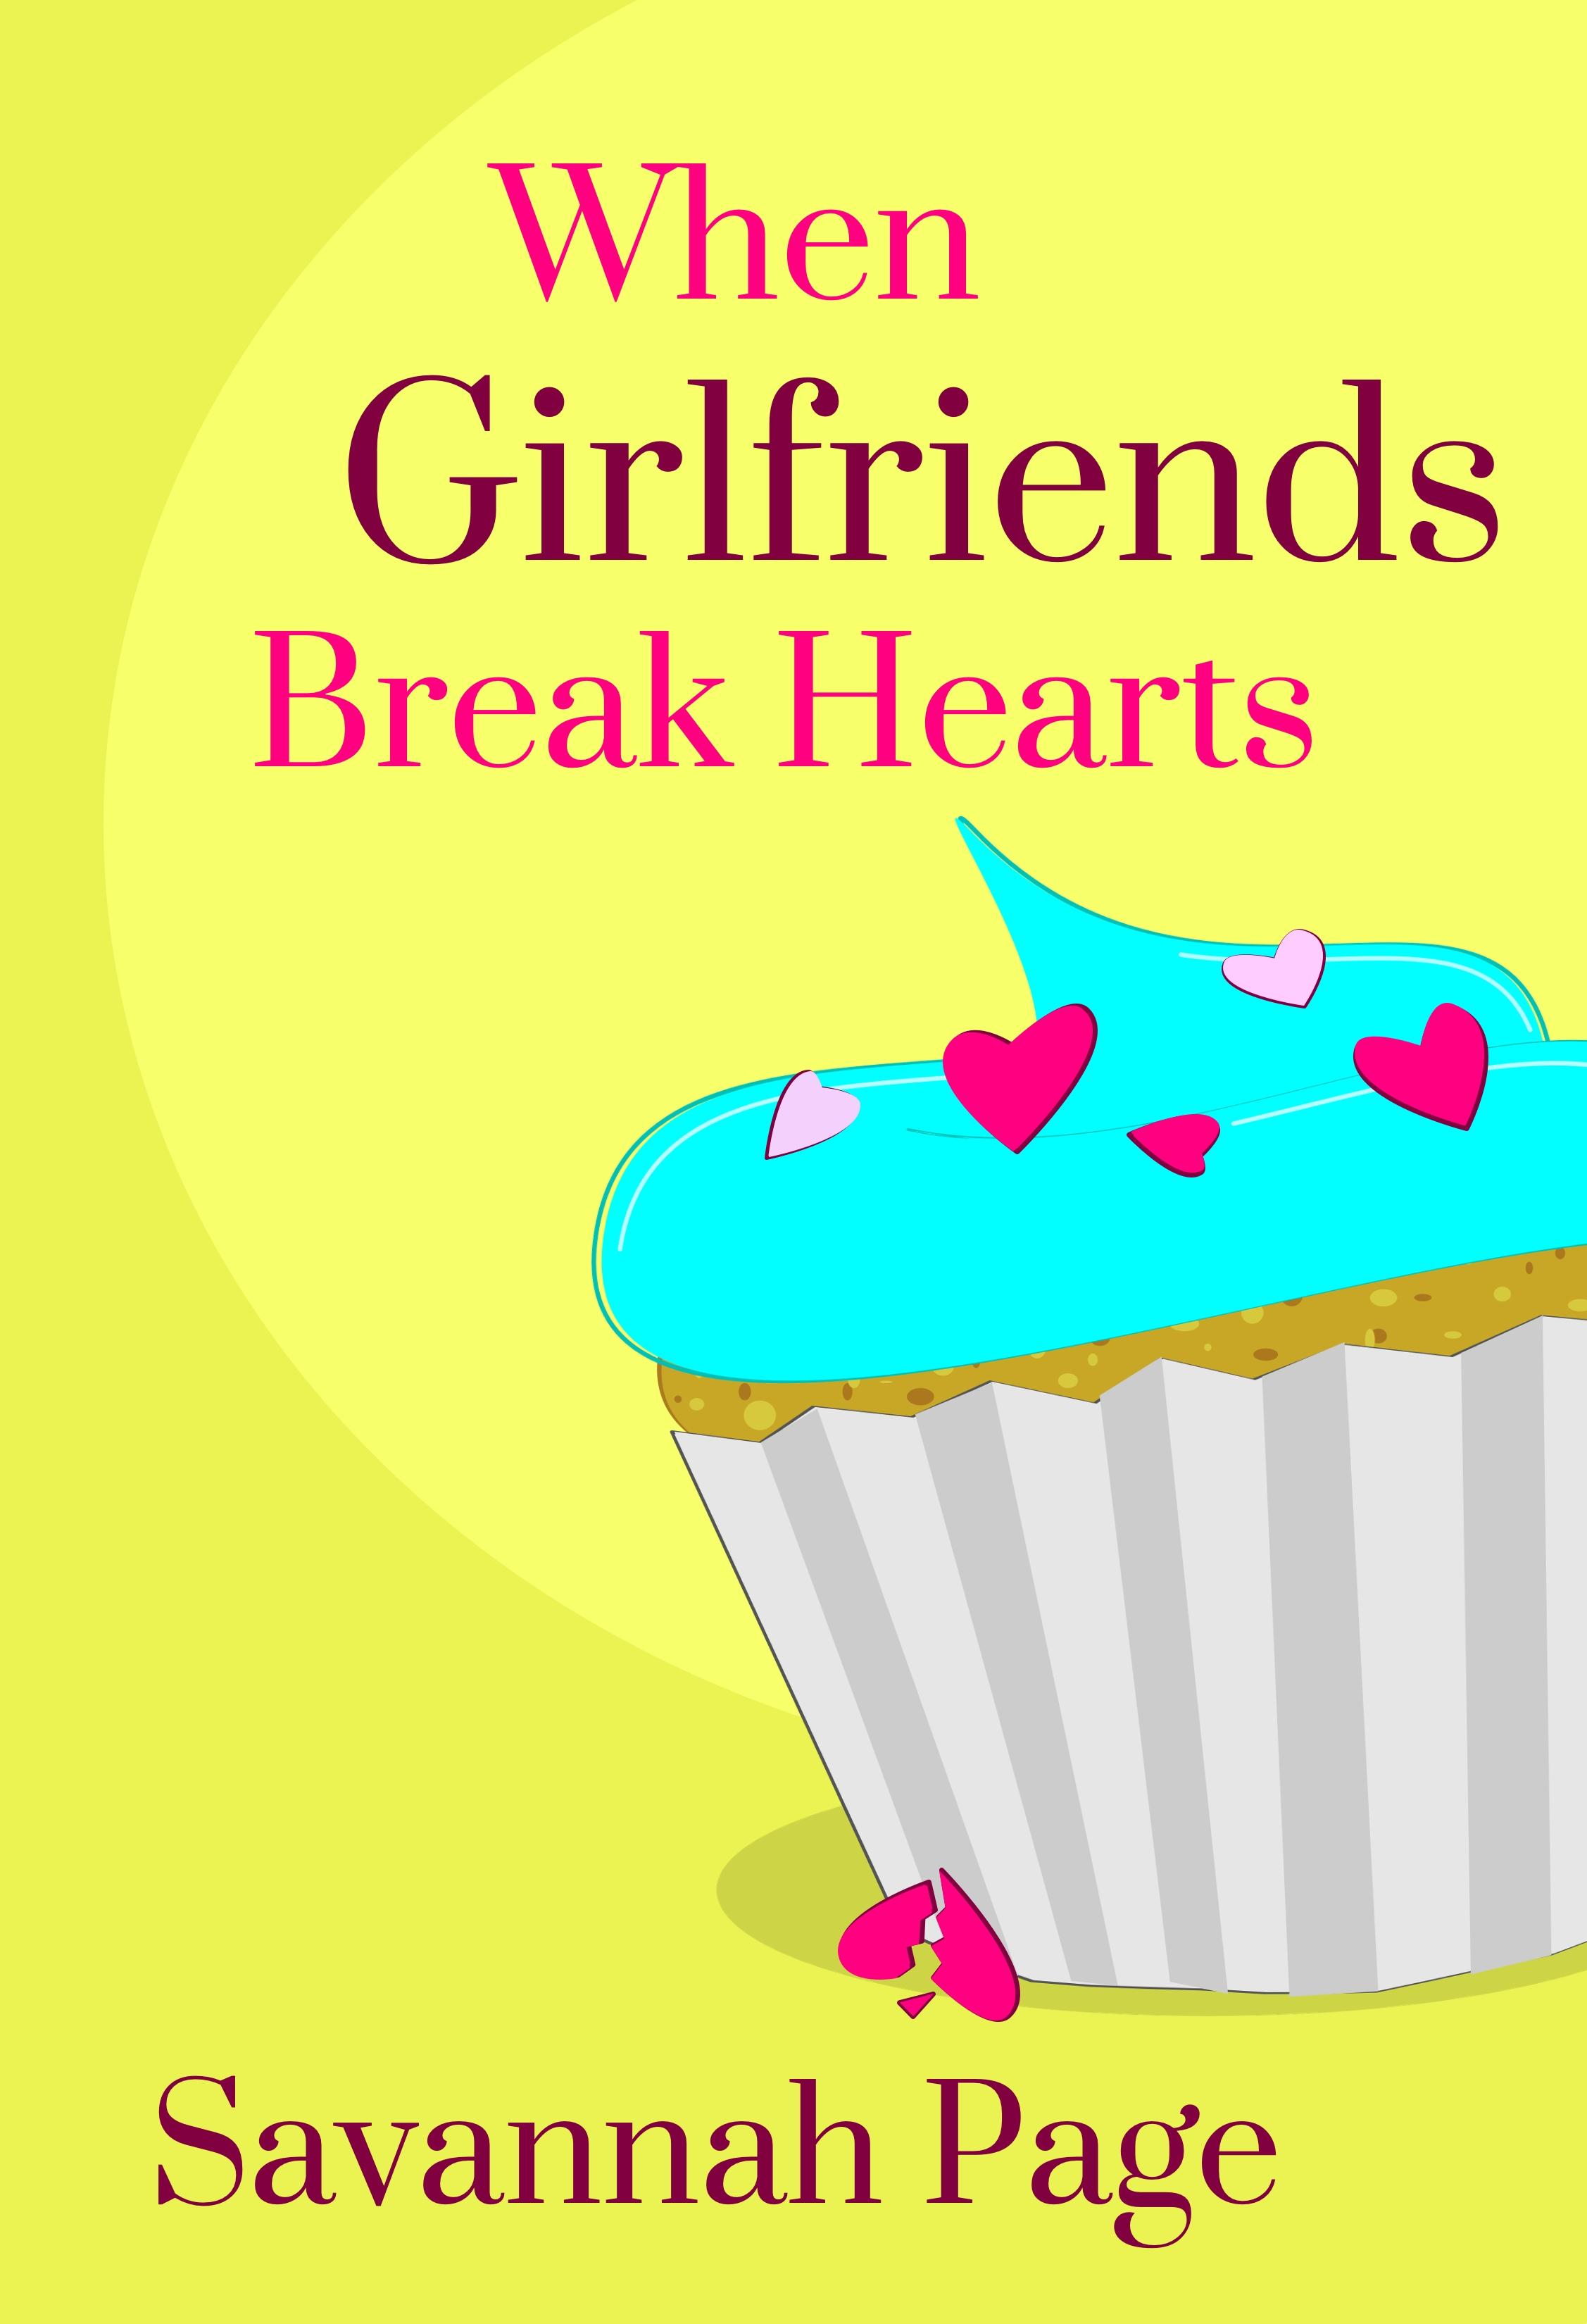 When Girlfriends Break Hearts By Savannah Page - EBook Cover - Sneak Peek